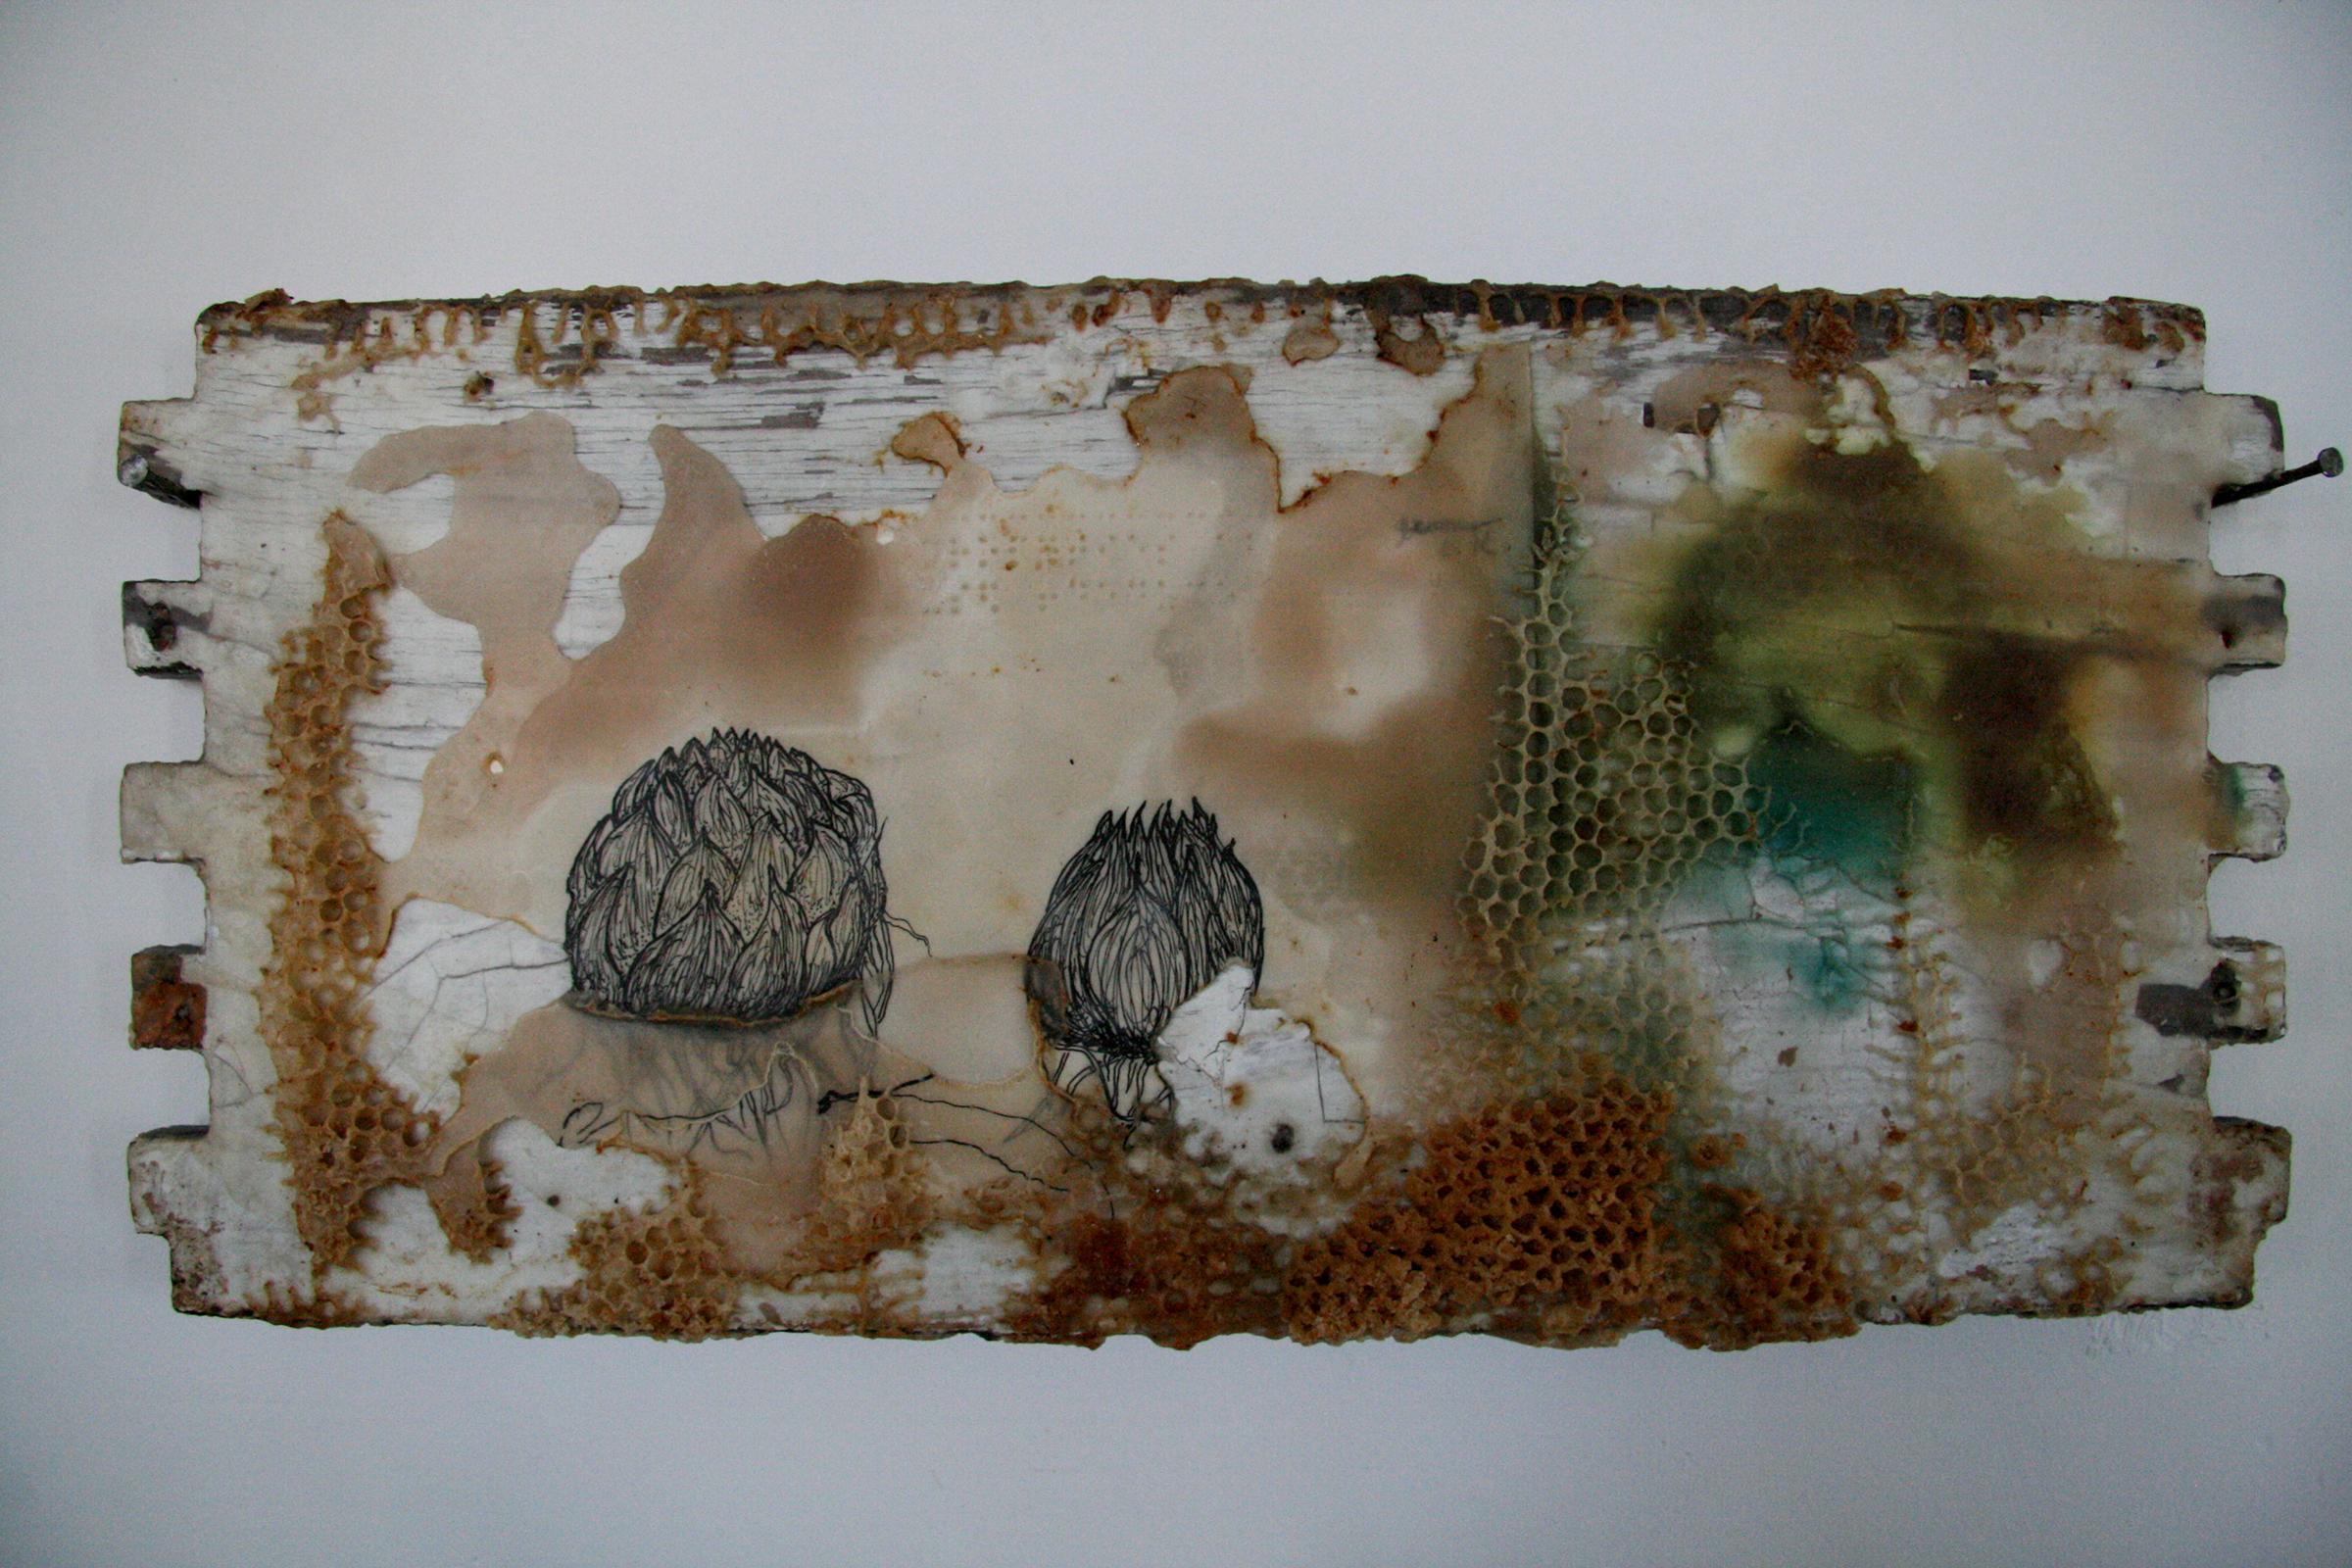 AD-017, Hive Wallpaper #3, $4,500